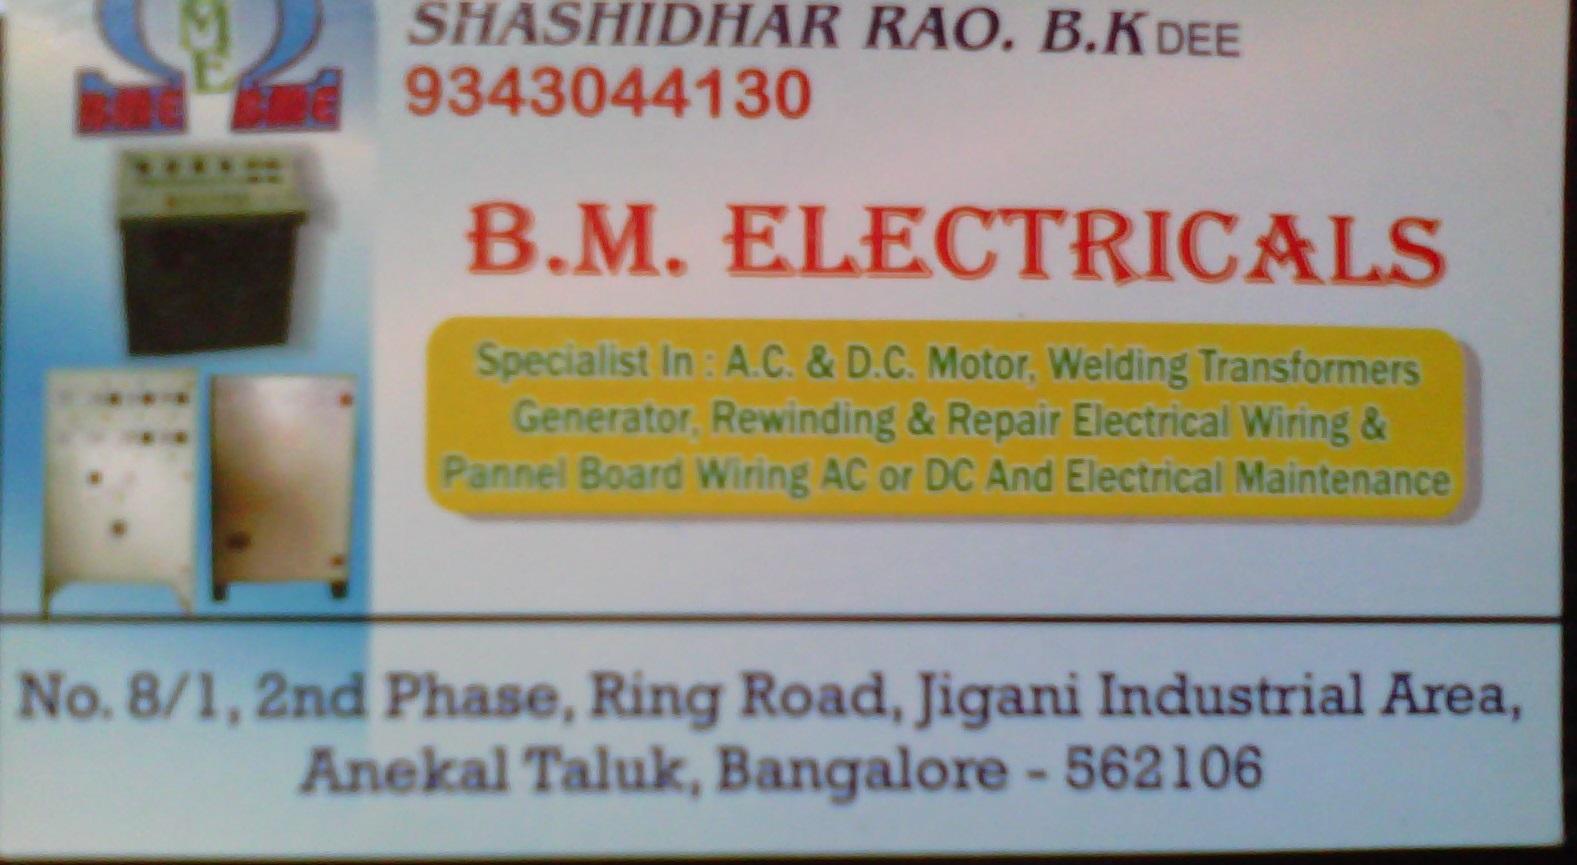 Car Electrical Works Koramangala